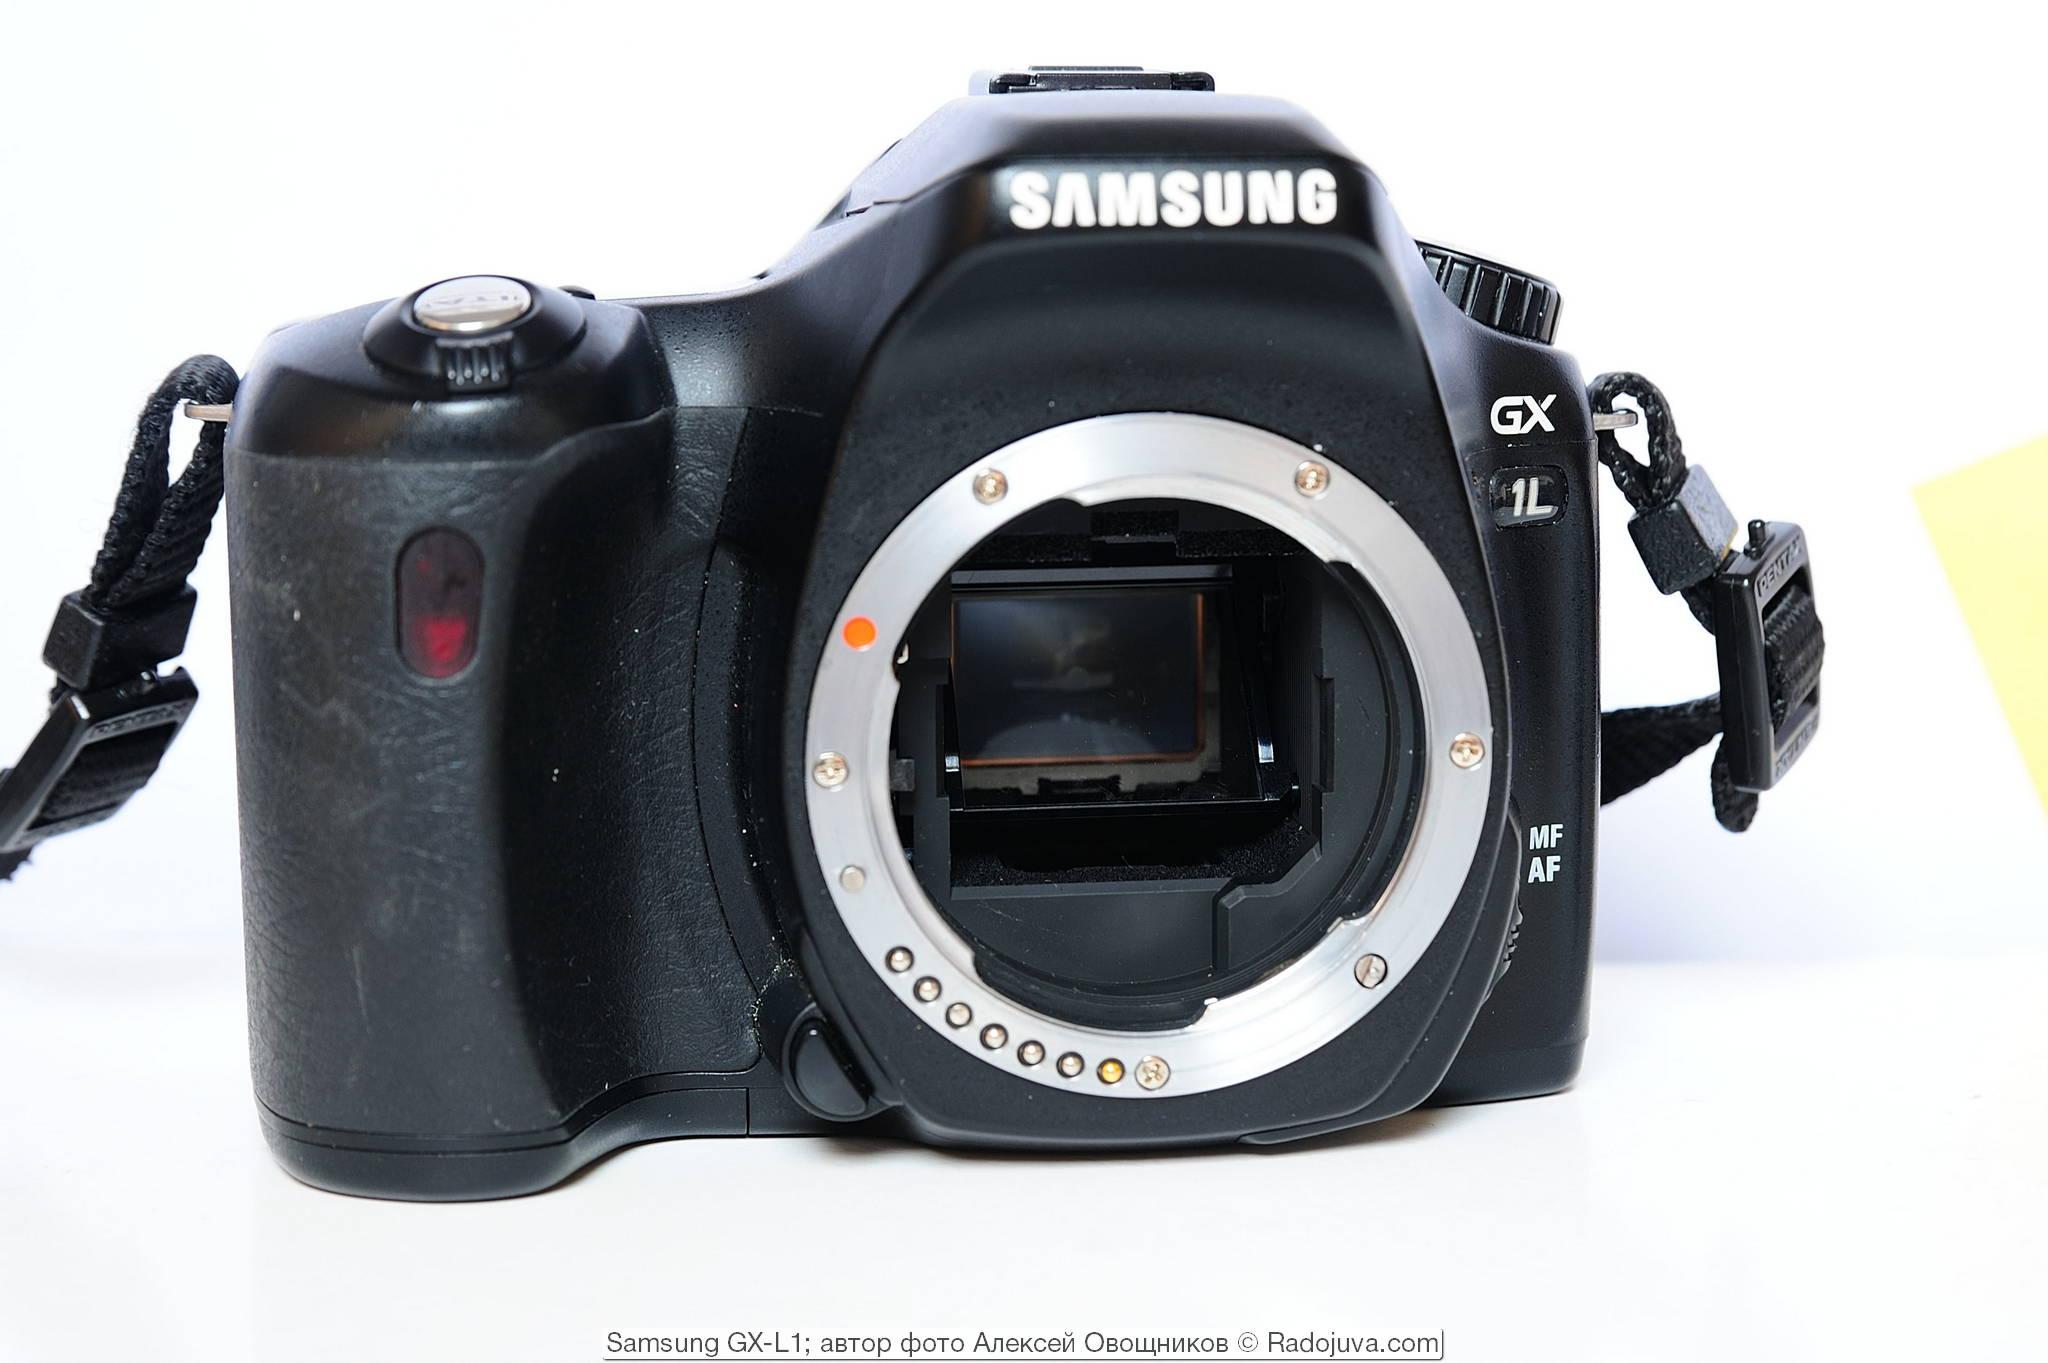 Samsung GX-L1